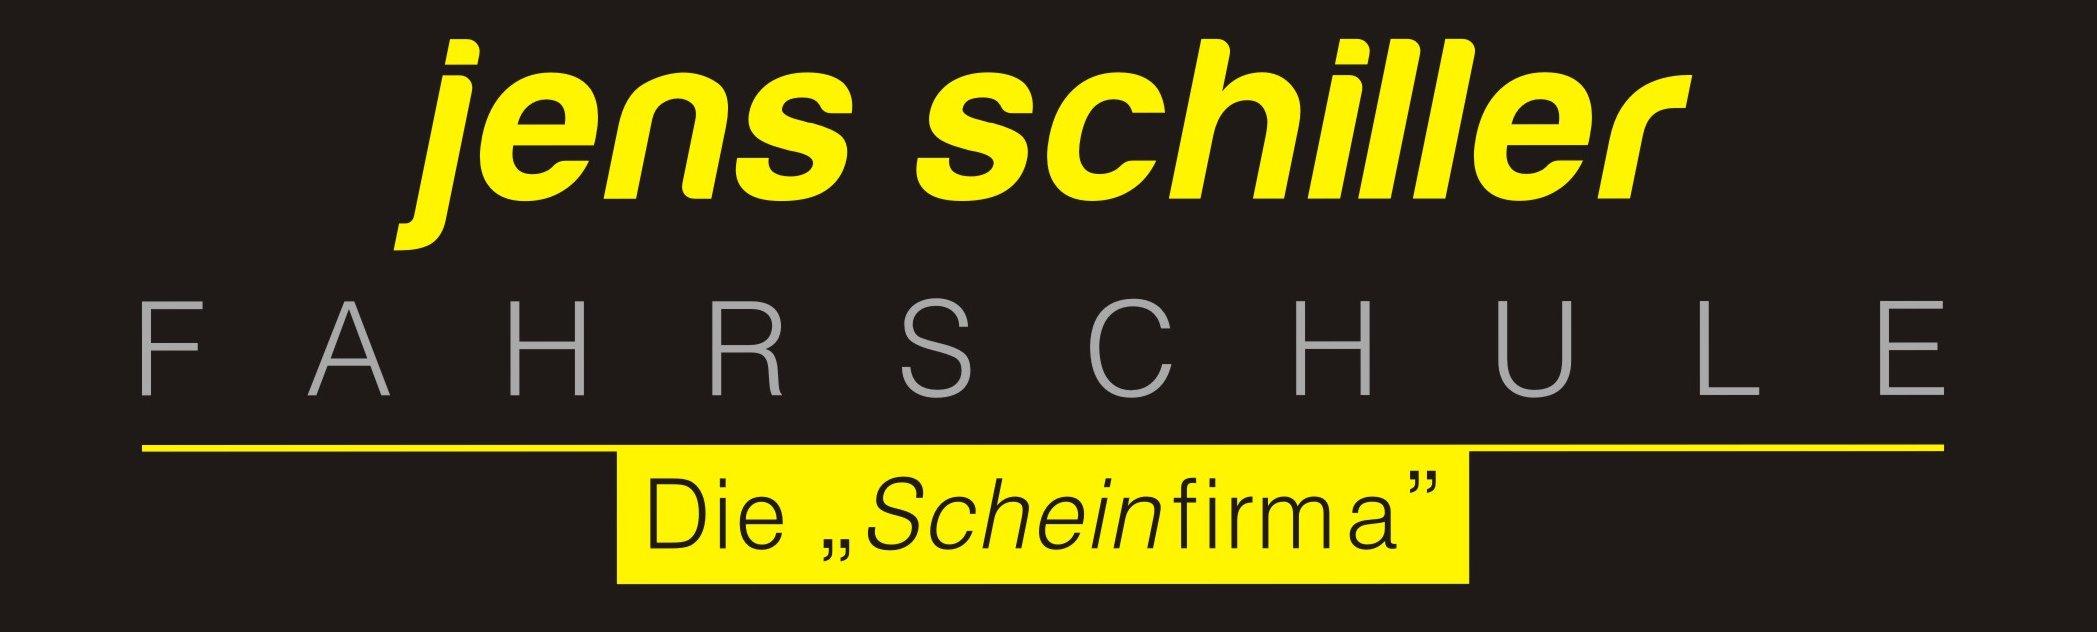 Fahrschule Jens Schiller in Netphen-Deuz, Dreis-Tiefenbach und Wilnsdorf-Rudersdorf